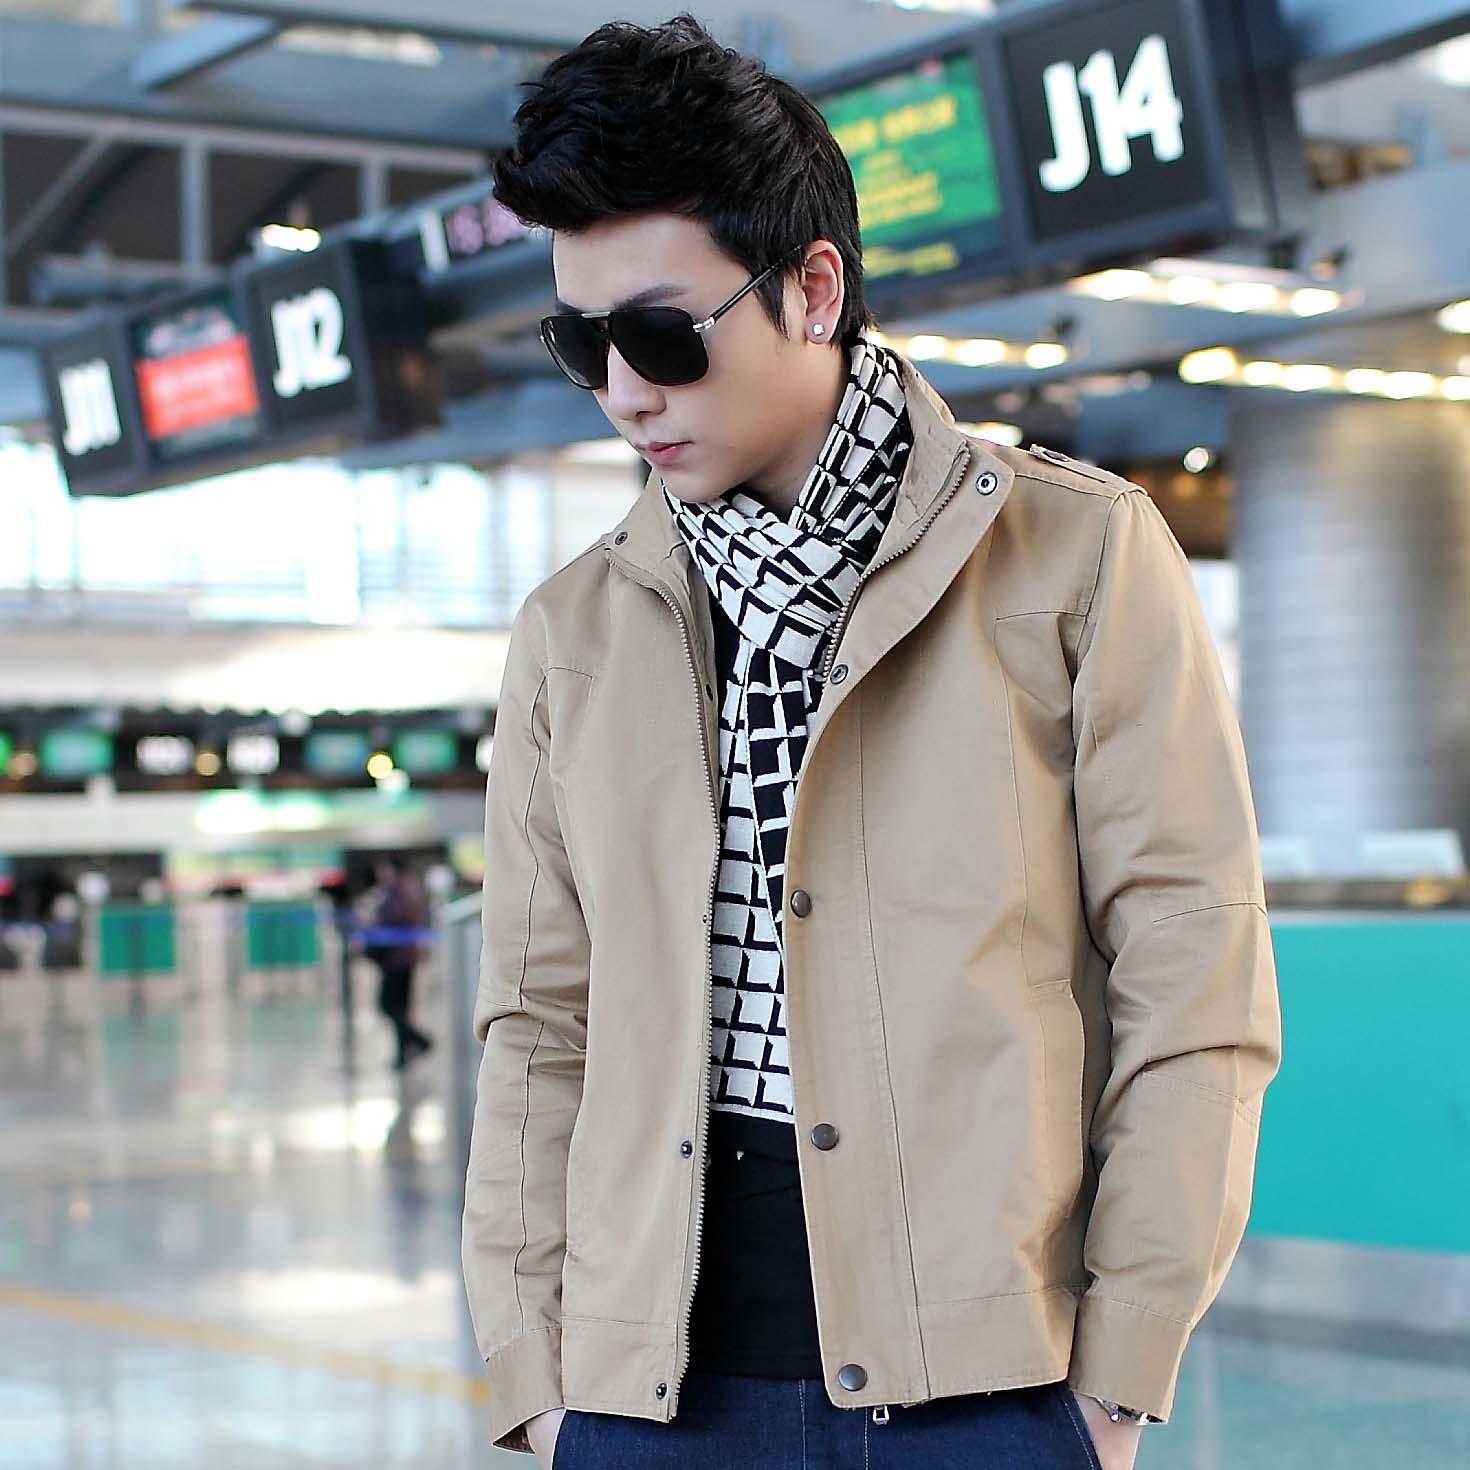 青少年潮男男装_丹杰仕 支持货到付款 秋冬男装青少年韩版修身潮男休闲连帽夹克外套